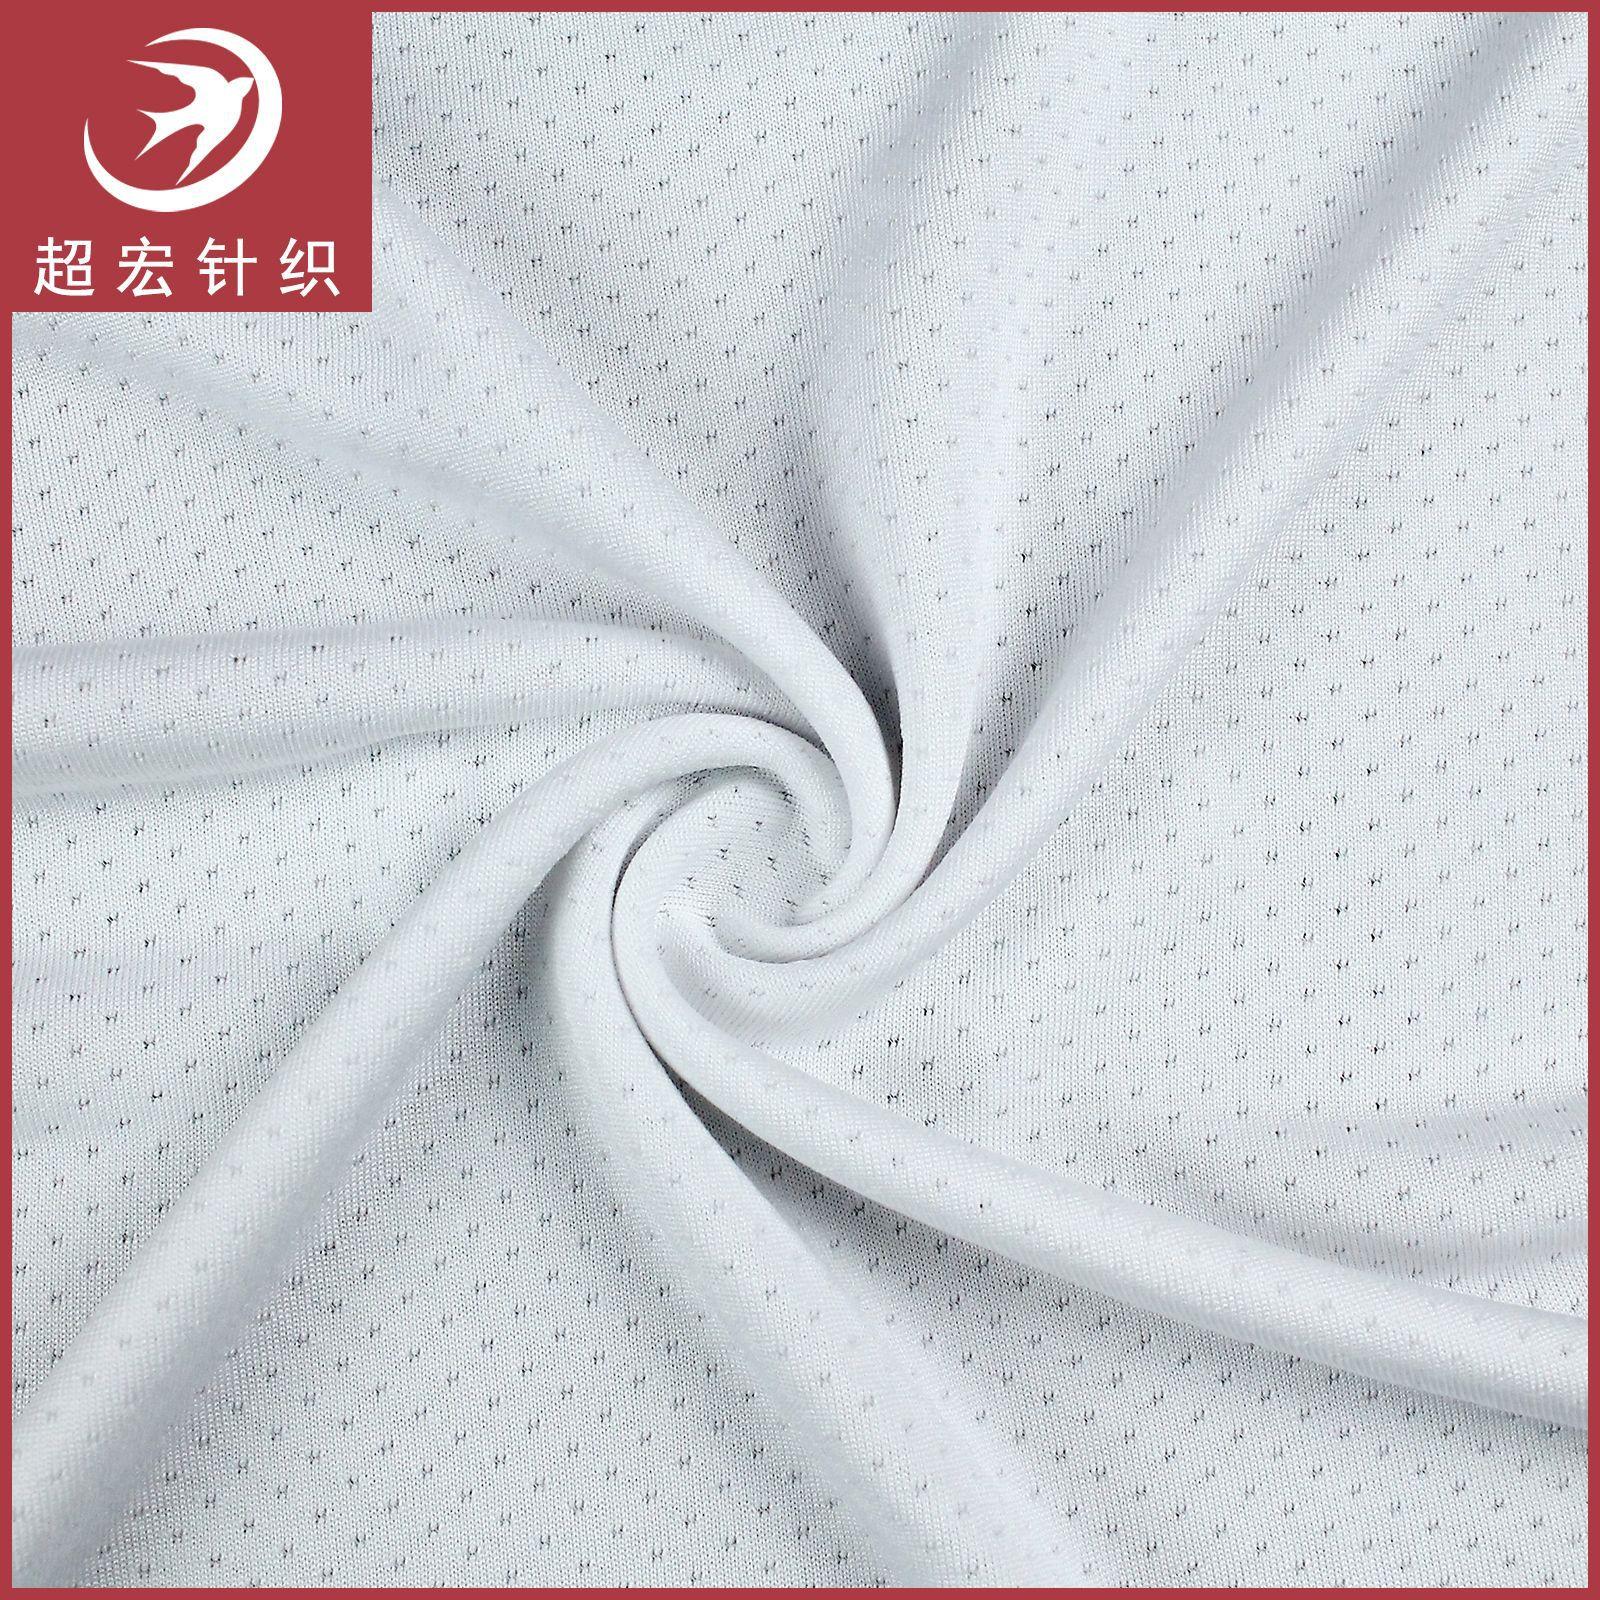 CHAOHONG Vật liệu chức năng Polyester amoniac lưới bướm Độ đàn hồi cao Cơ thể định hình vải thể thao